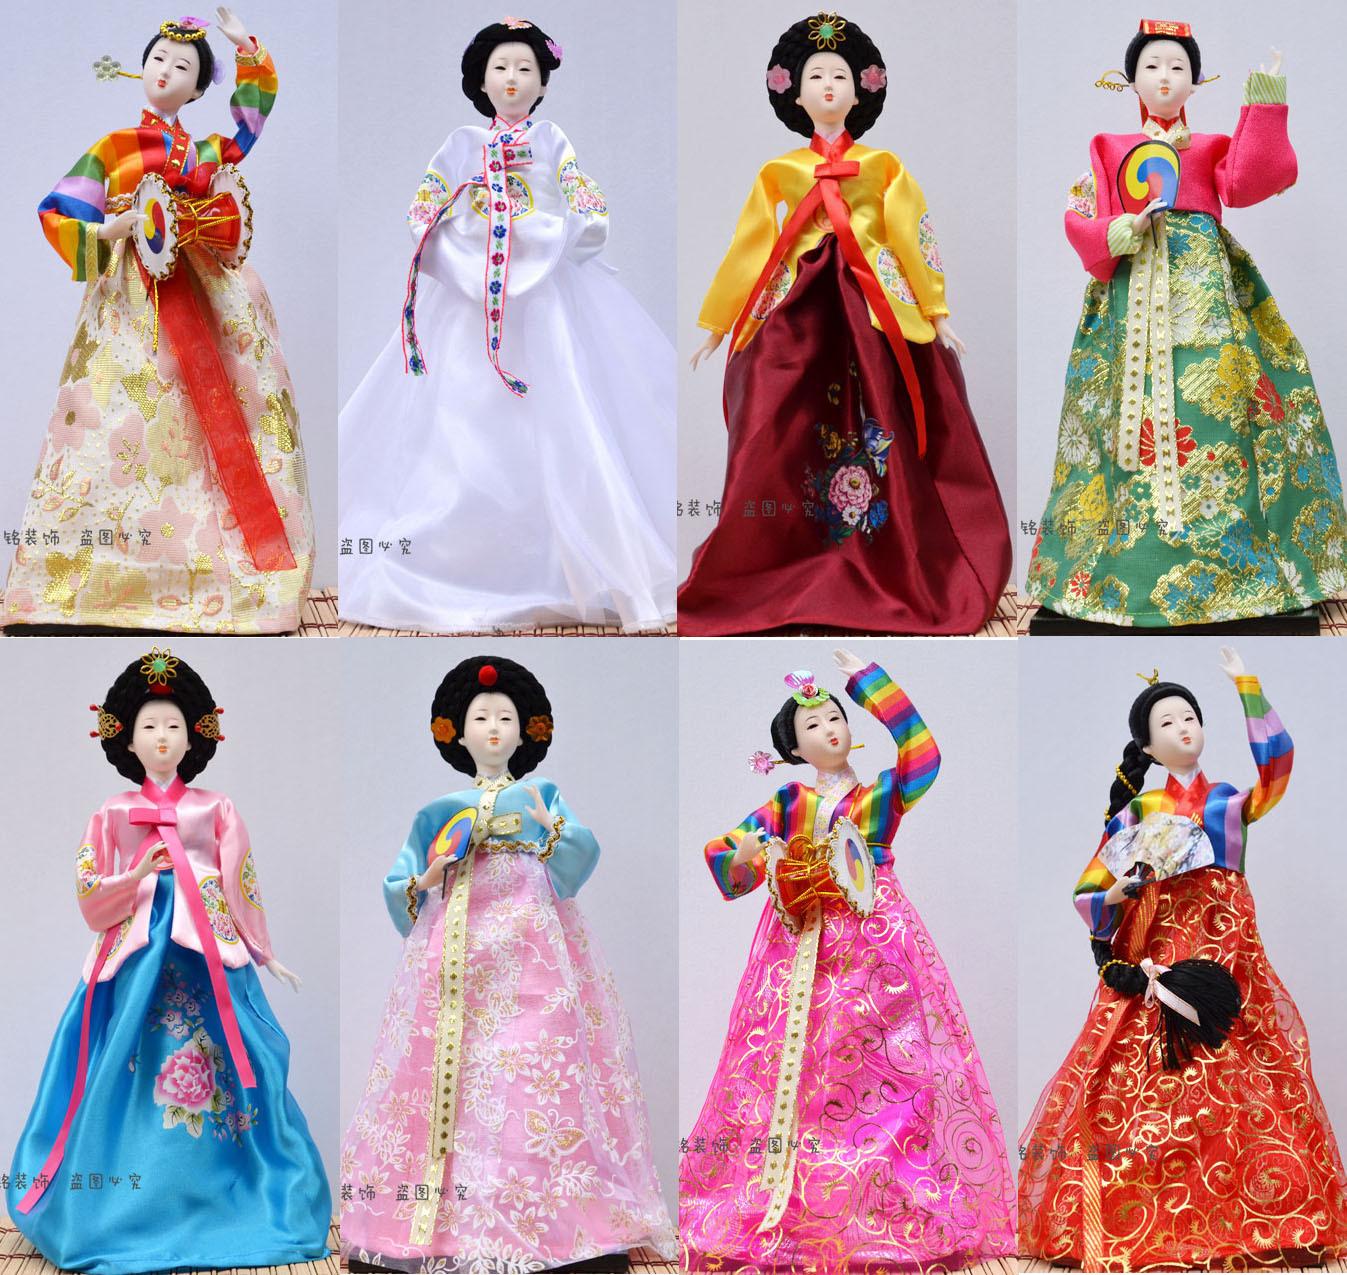 韩国民俗民间工艺品人偶娃娃朝鲜韩服女孩家居装饰礼品酒店摆件